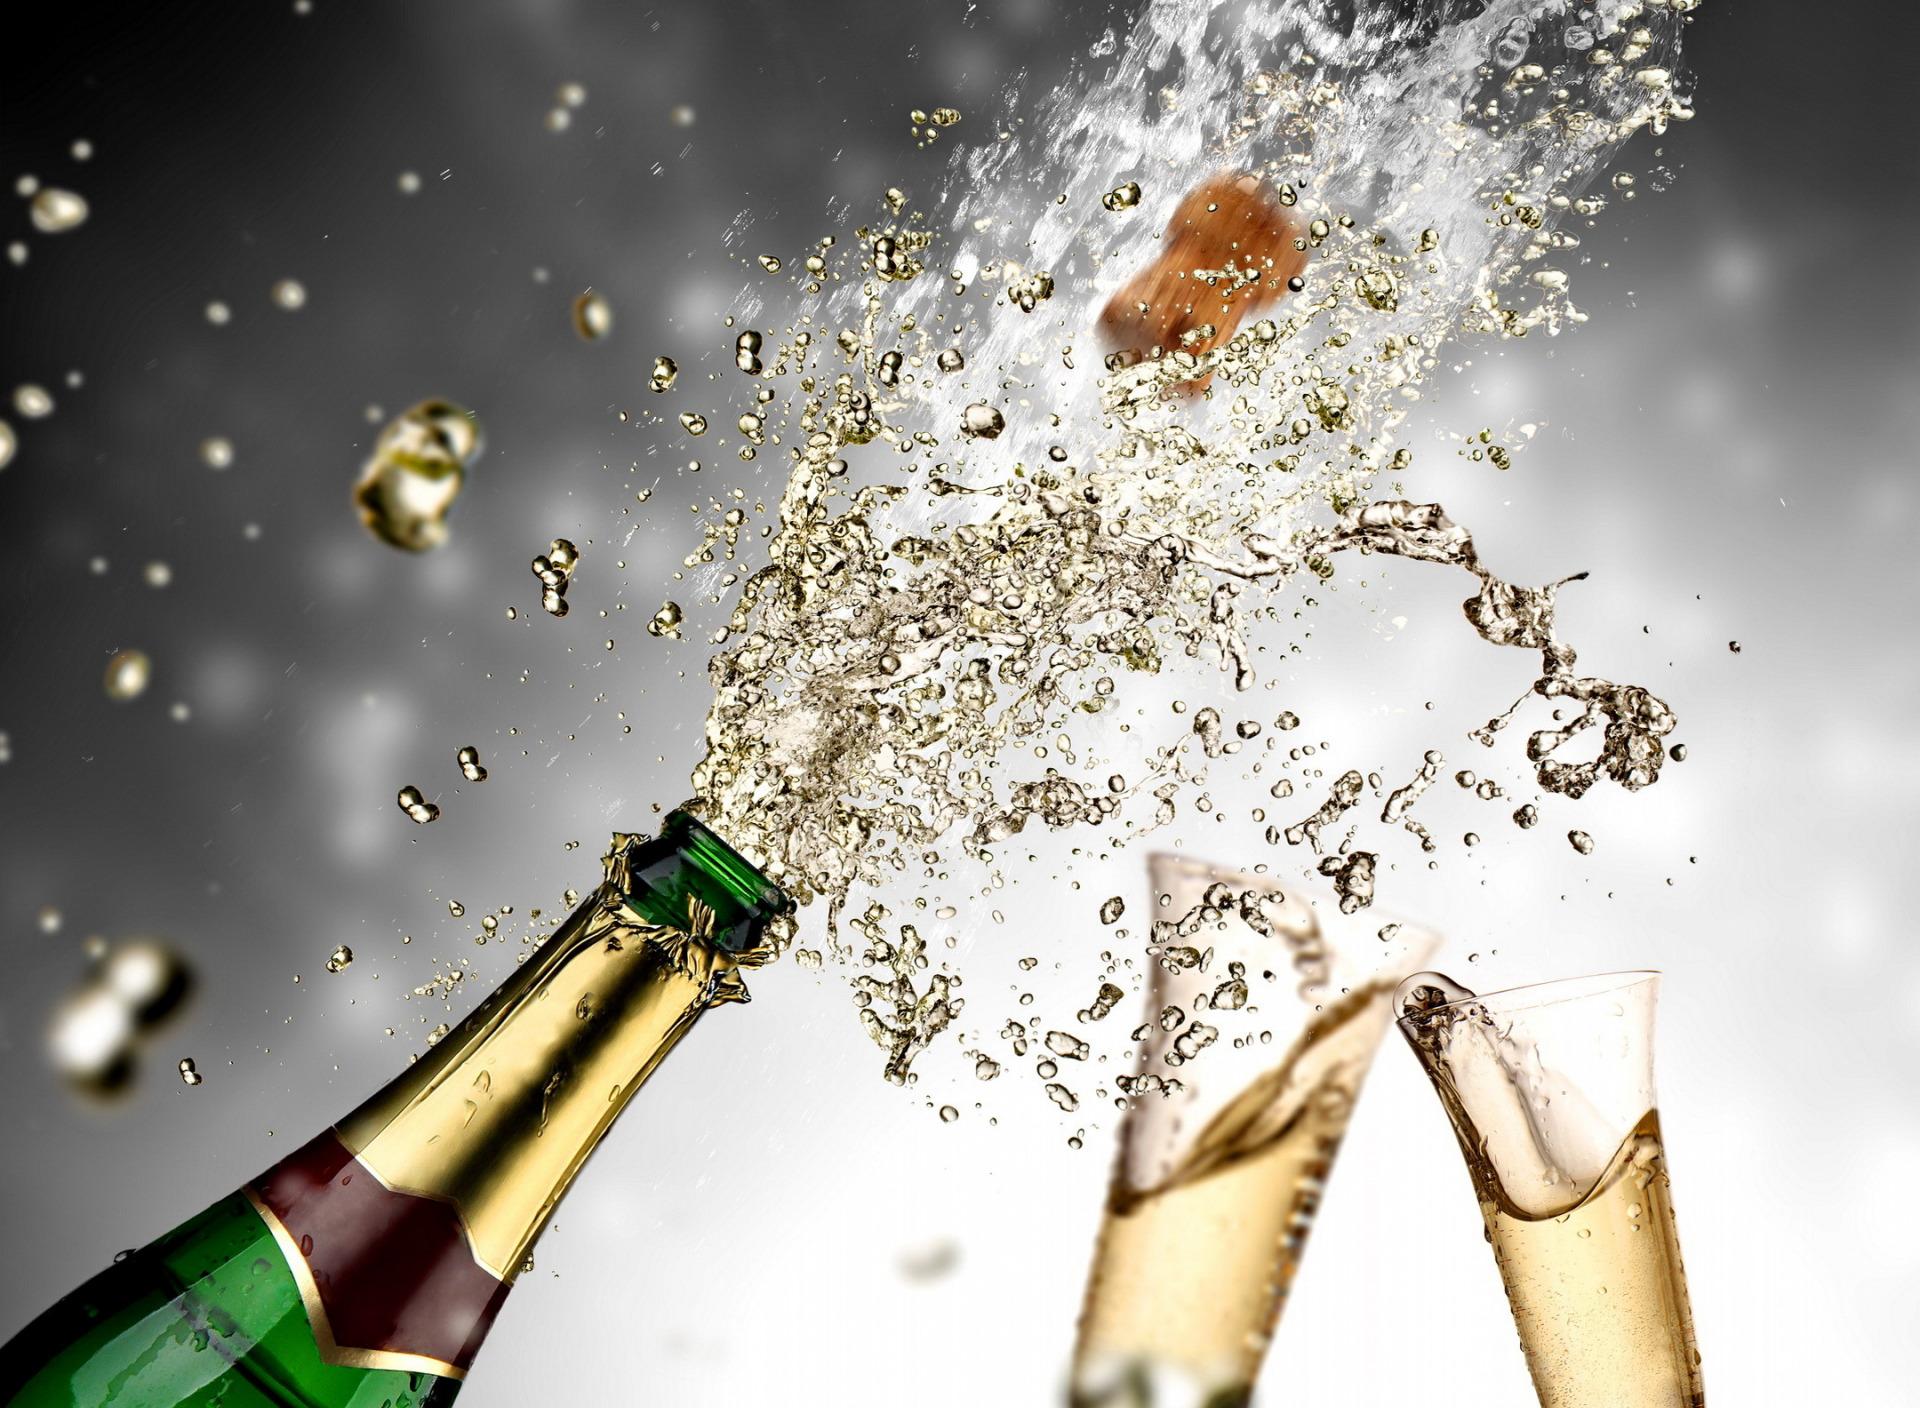 уж, что-что, поздравление давай шампанское откроем меня